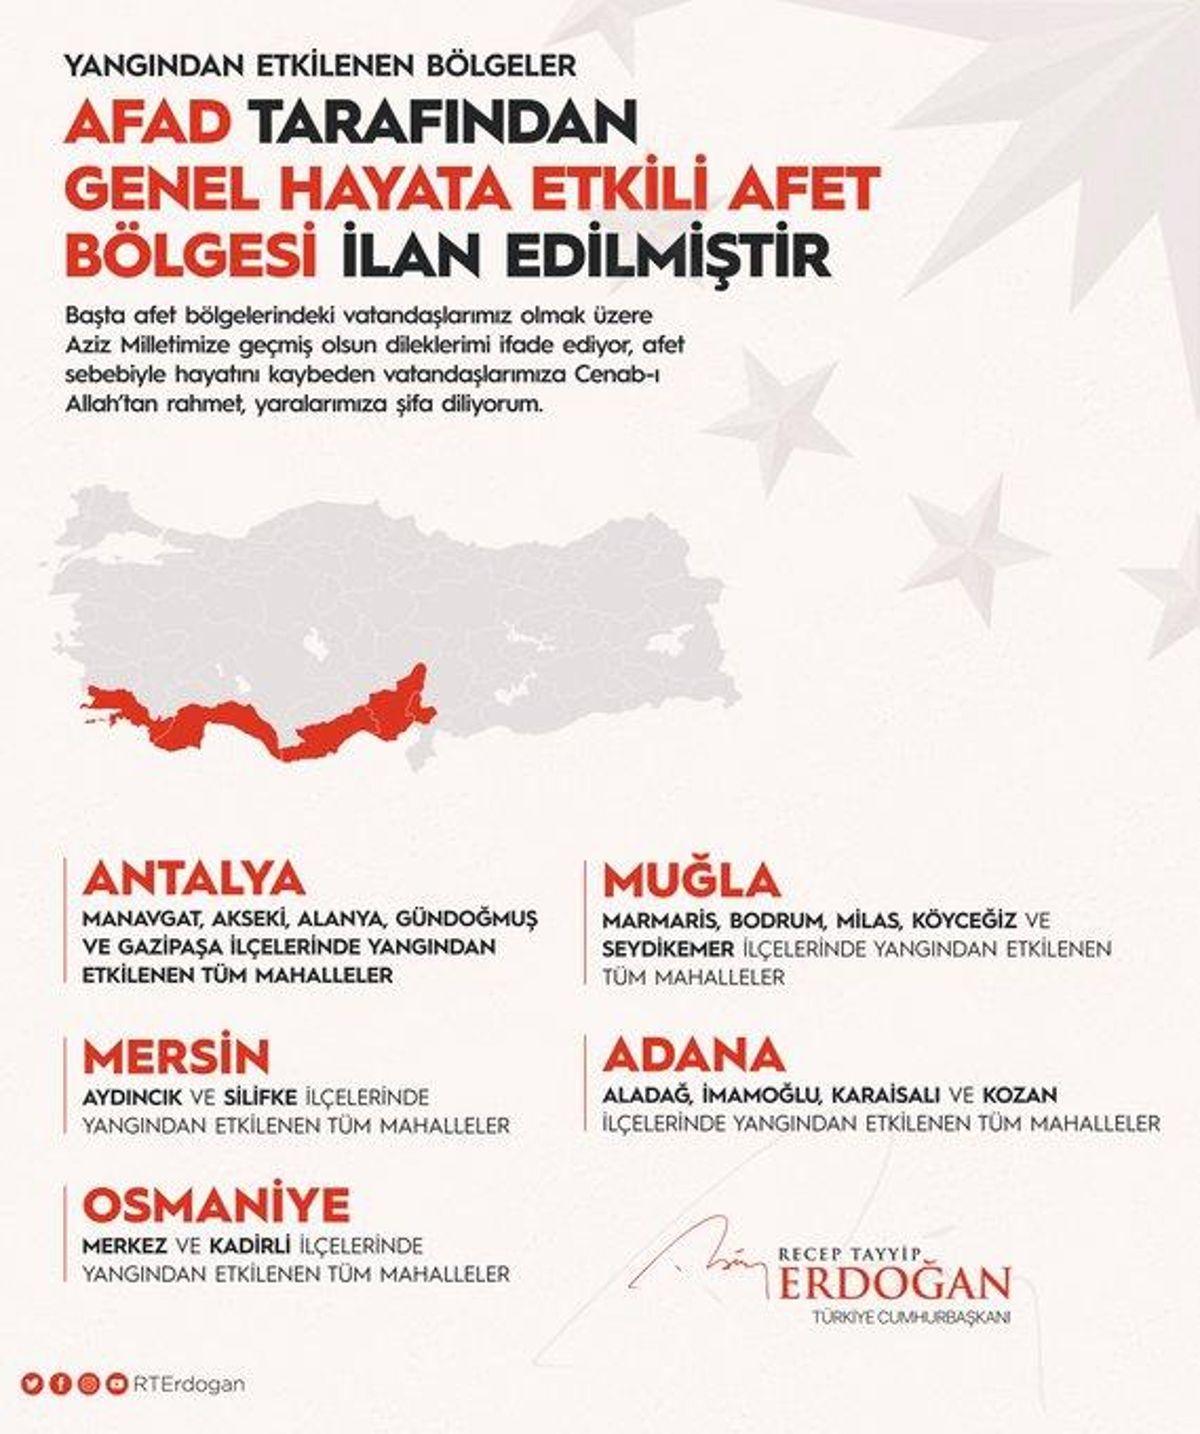 Erdoğan, orman yangınlarından etkilenen alanların